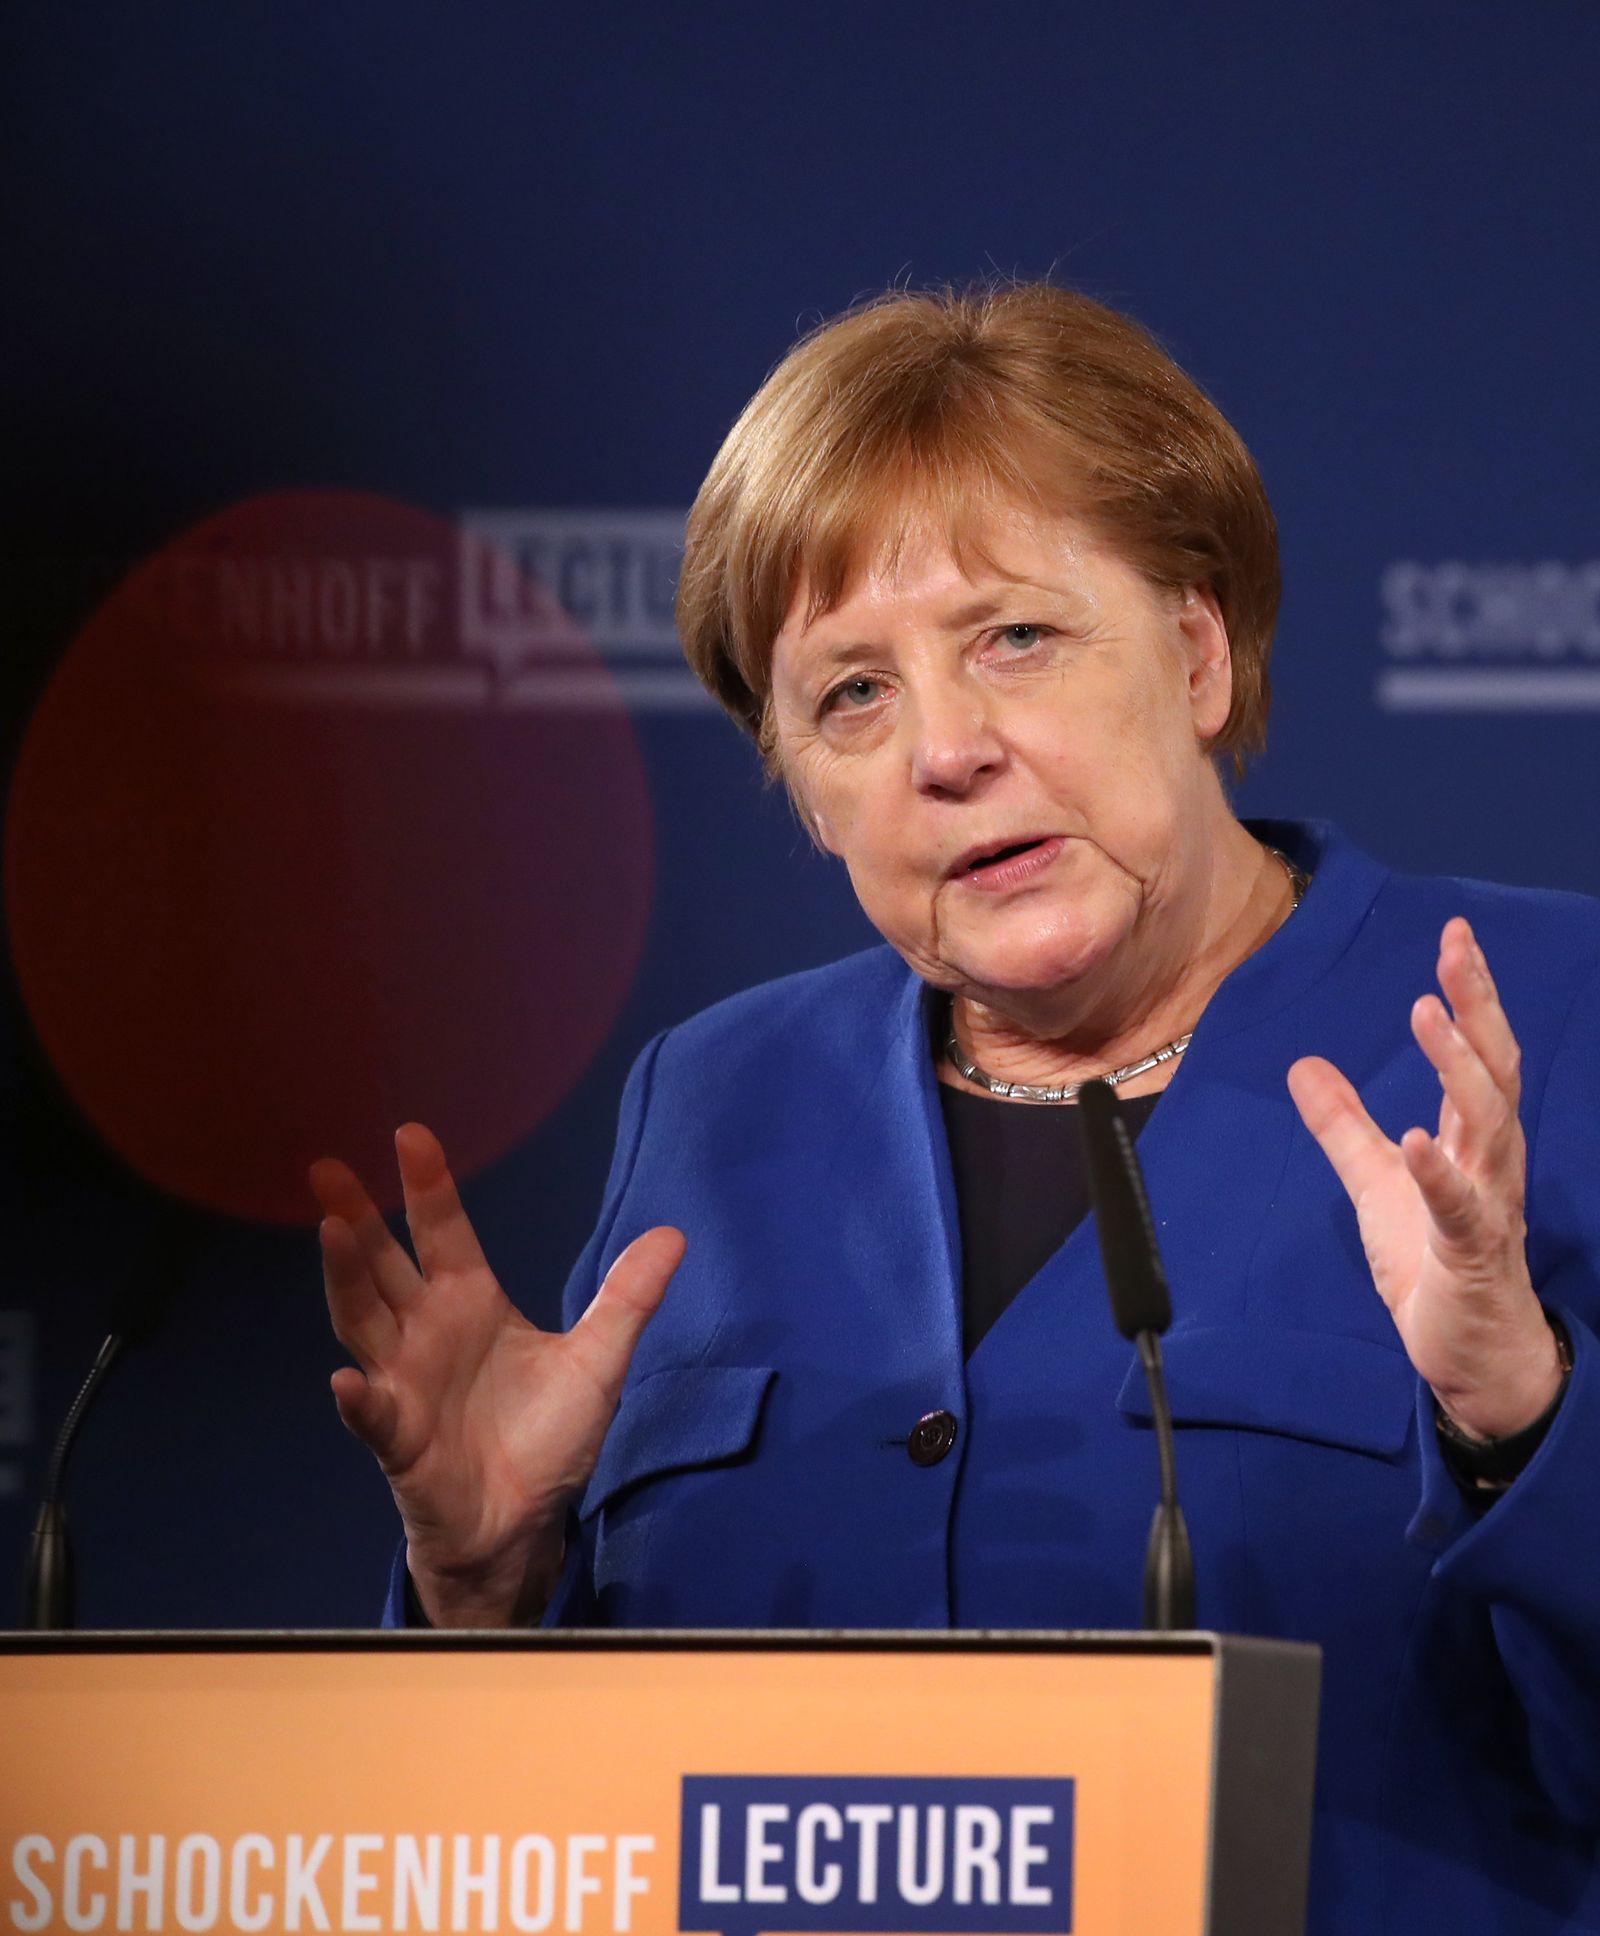 Premiere der Dr. Andreas Schockenhoff-Lecture mit Angela Merkel